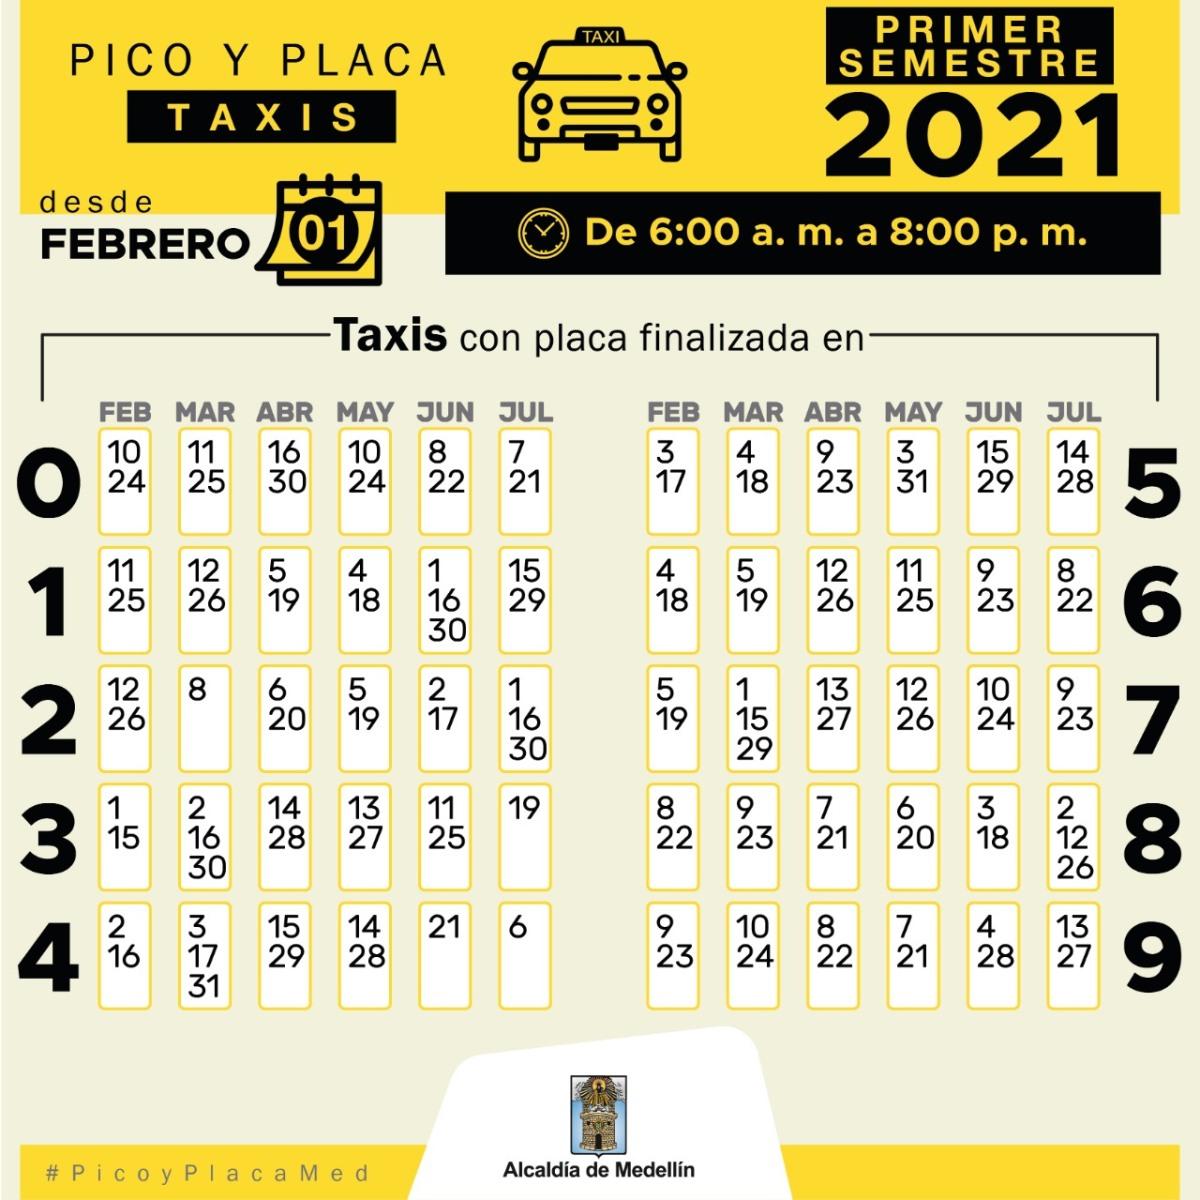 Rotacion pico y placa 2021 I